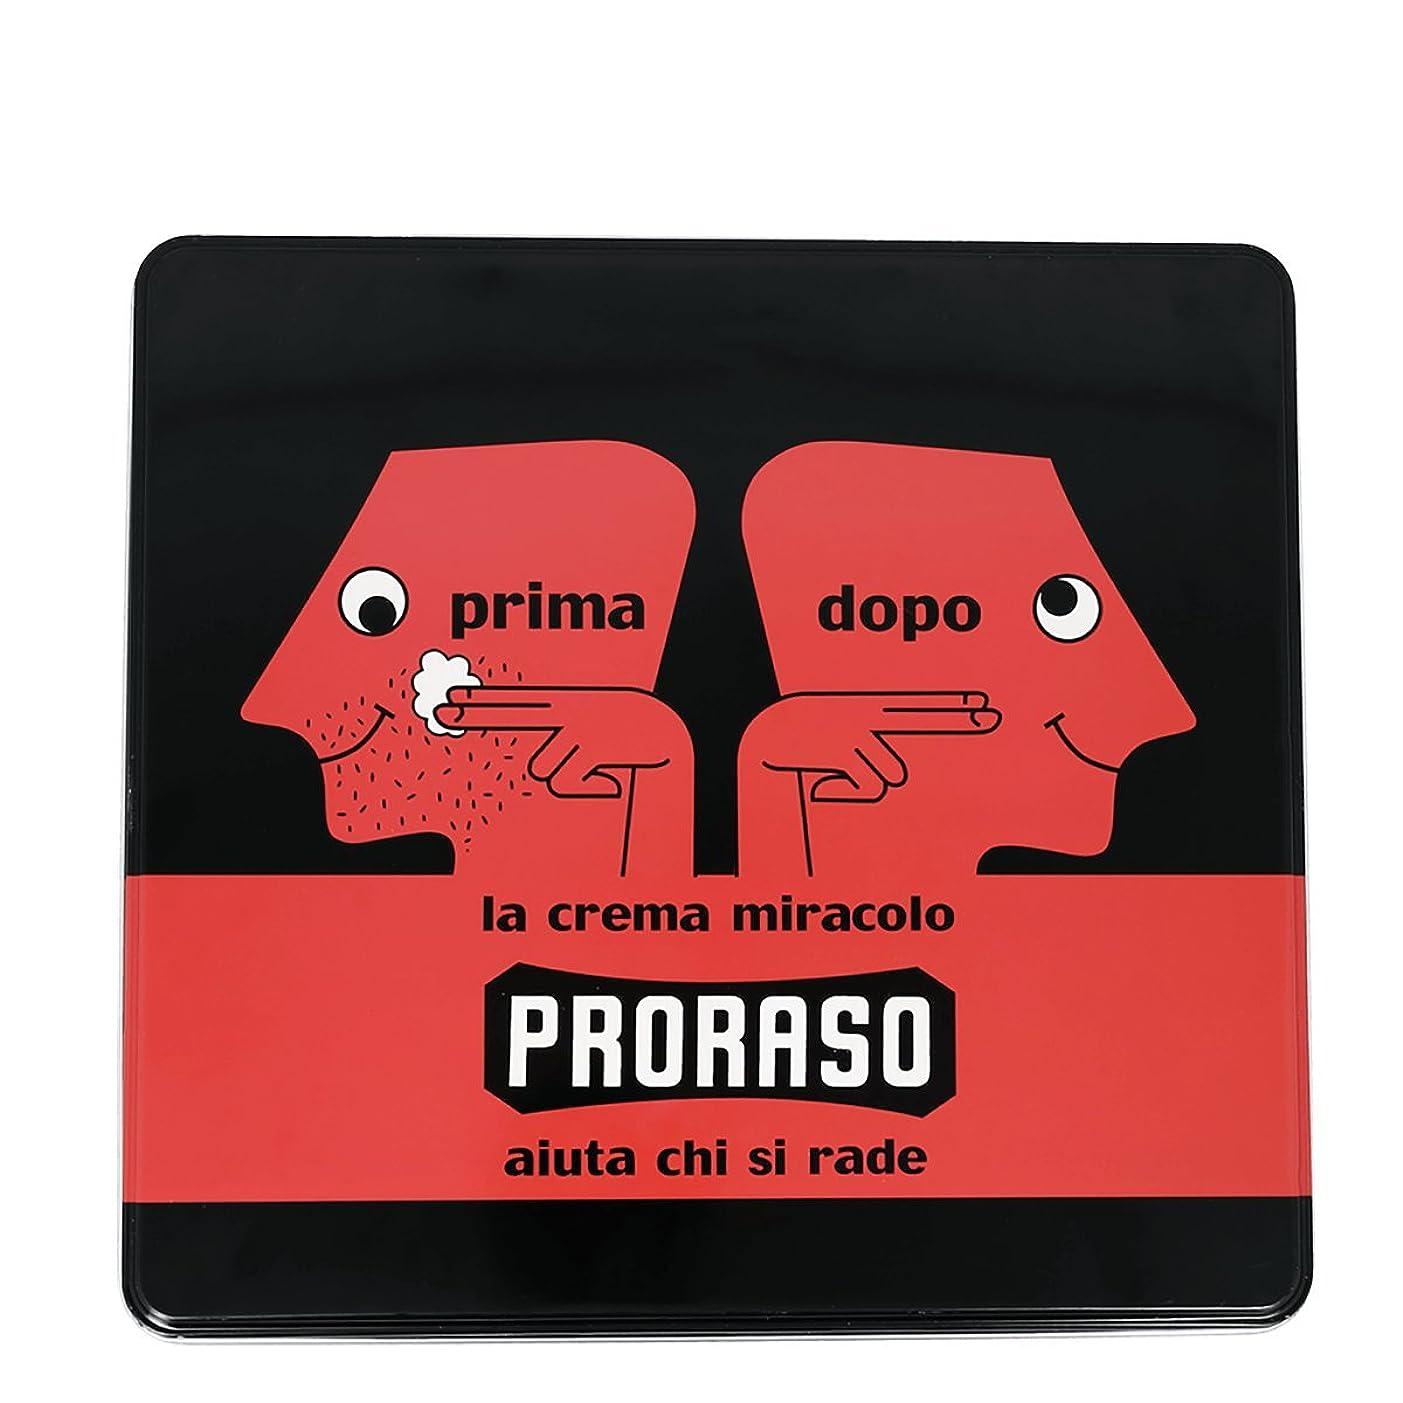 仮定、想定。推測コーデリア乳剤Proraso Primadopo ヴィンテージ ナリシング セレクション 缶[海外直送品] [並行輸入品]